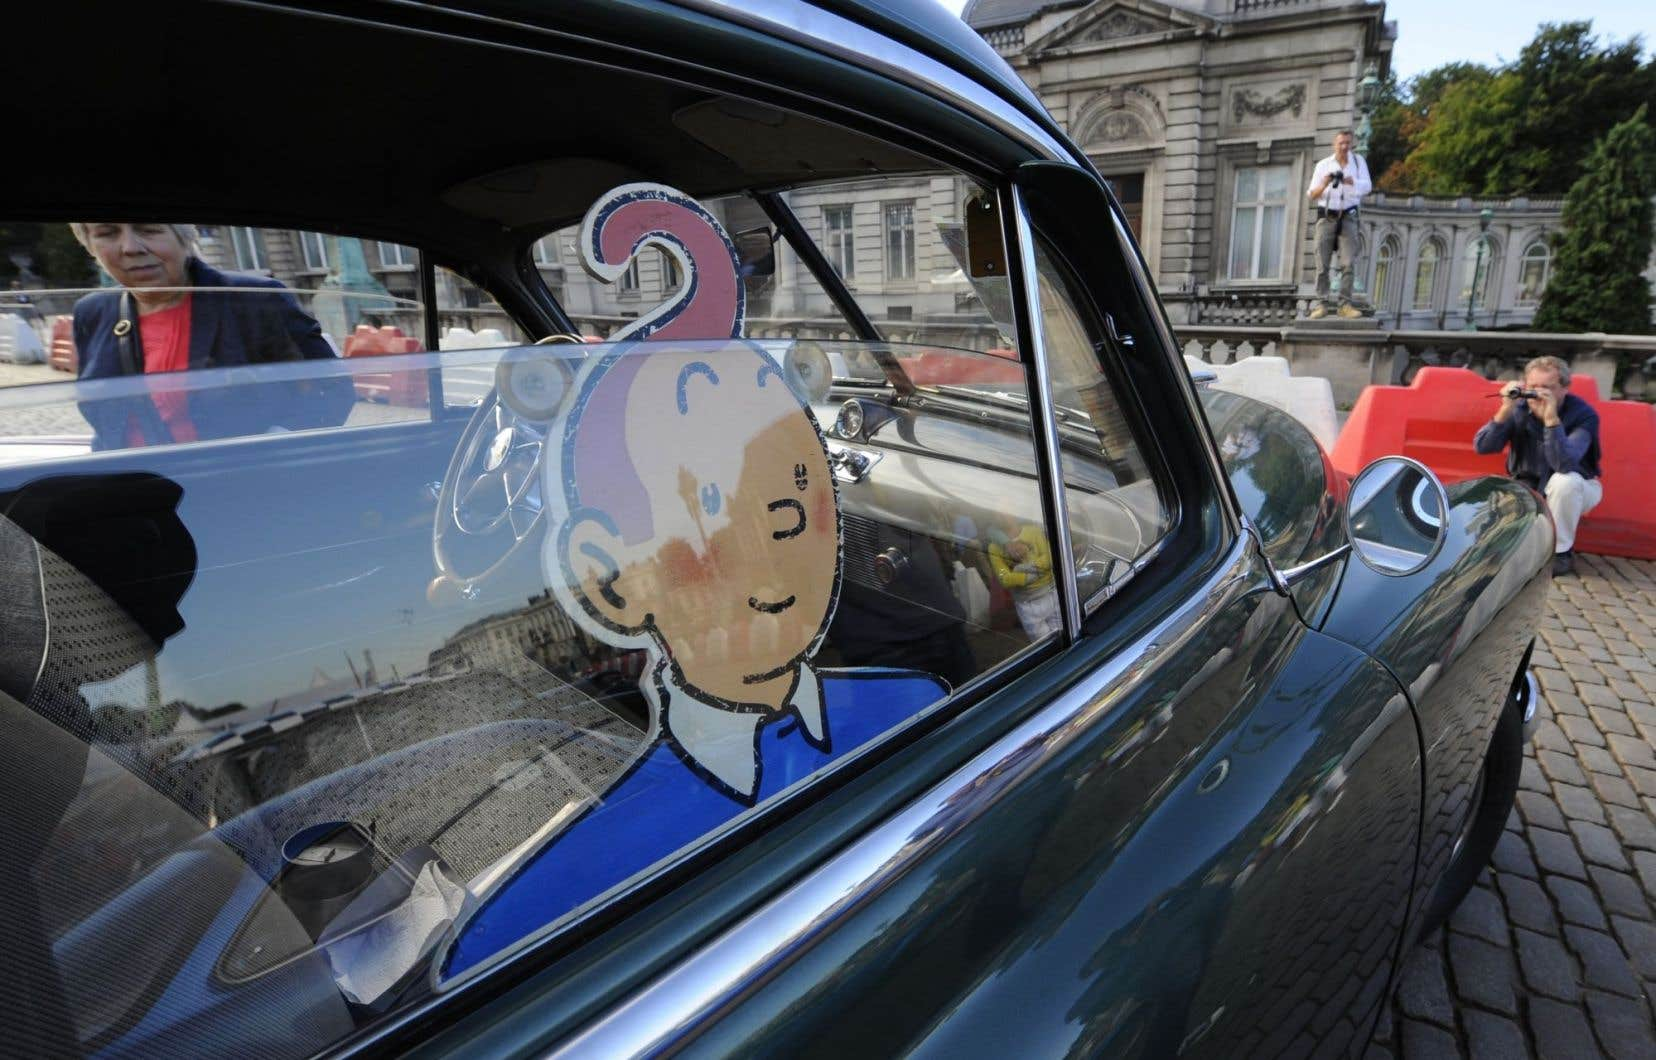 La planche s'ajoute aux 20 dessins à l'encre de Chine réalisés par le dessinateur belge Hergé pour une série de cartes de voeux connues sous le nom de « cartes neige » qui seront mises aux enchères par Artcurial à Paris.